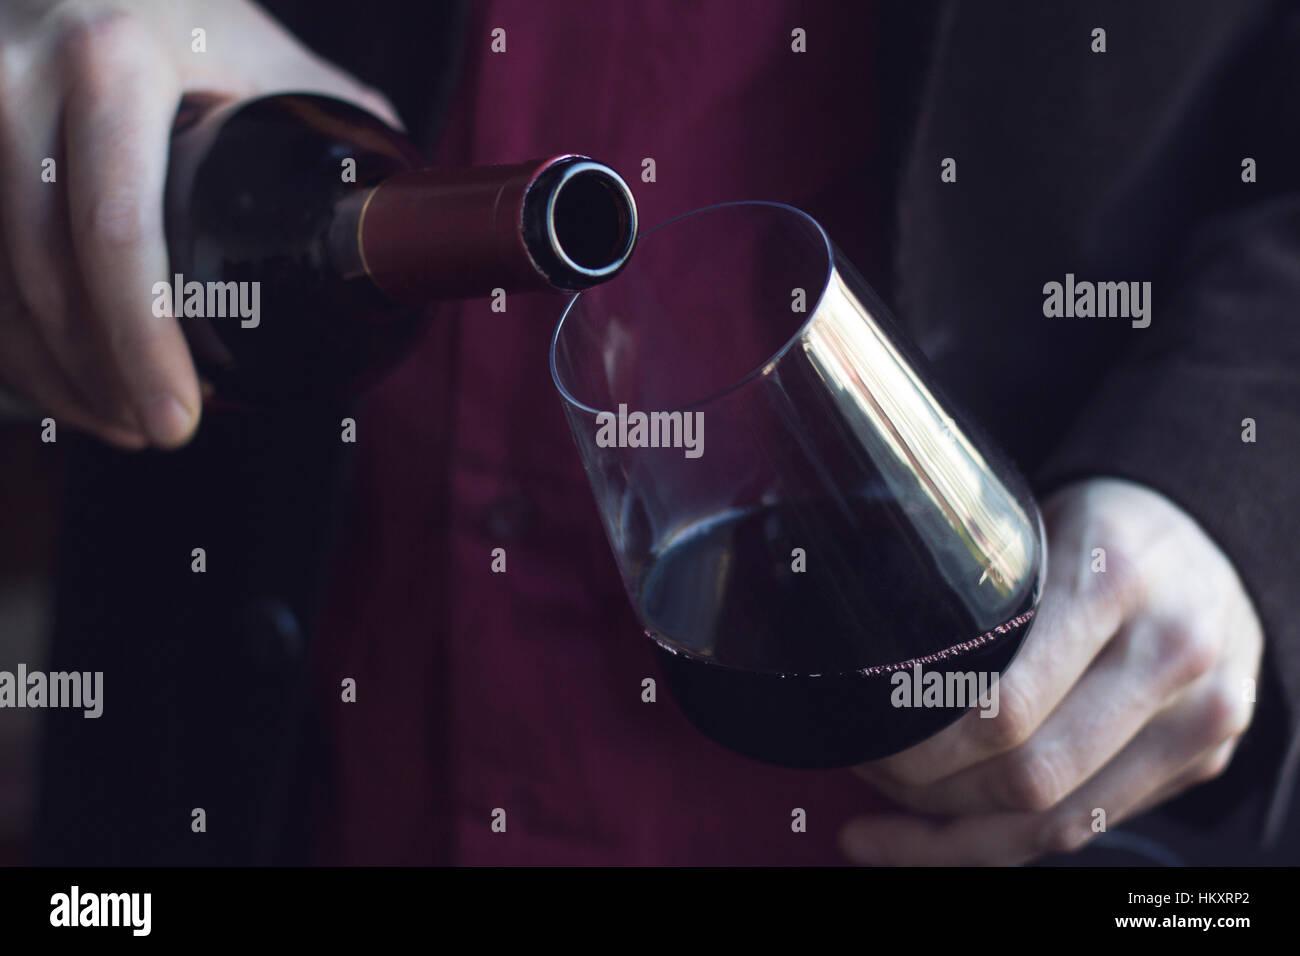 Horizontale Nahaufnahme von kaukasischen Mann im schwarzen Anzug und Hemd strömenden Rotwein in ein hohes Glas Stockbild